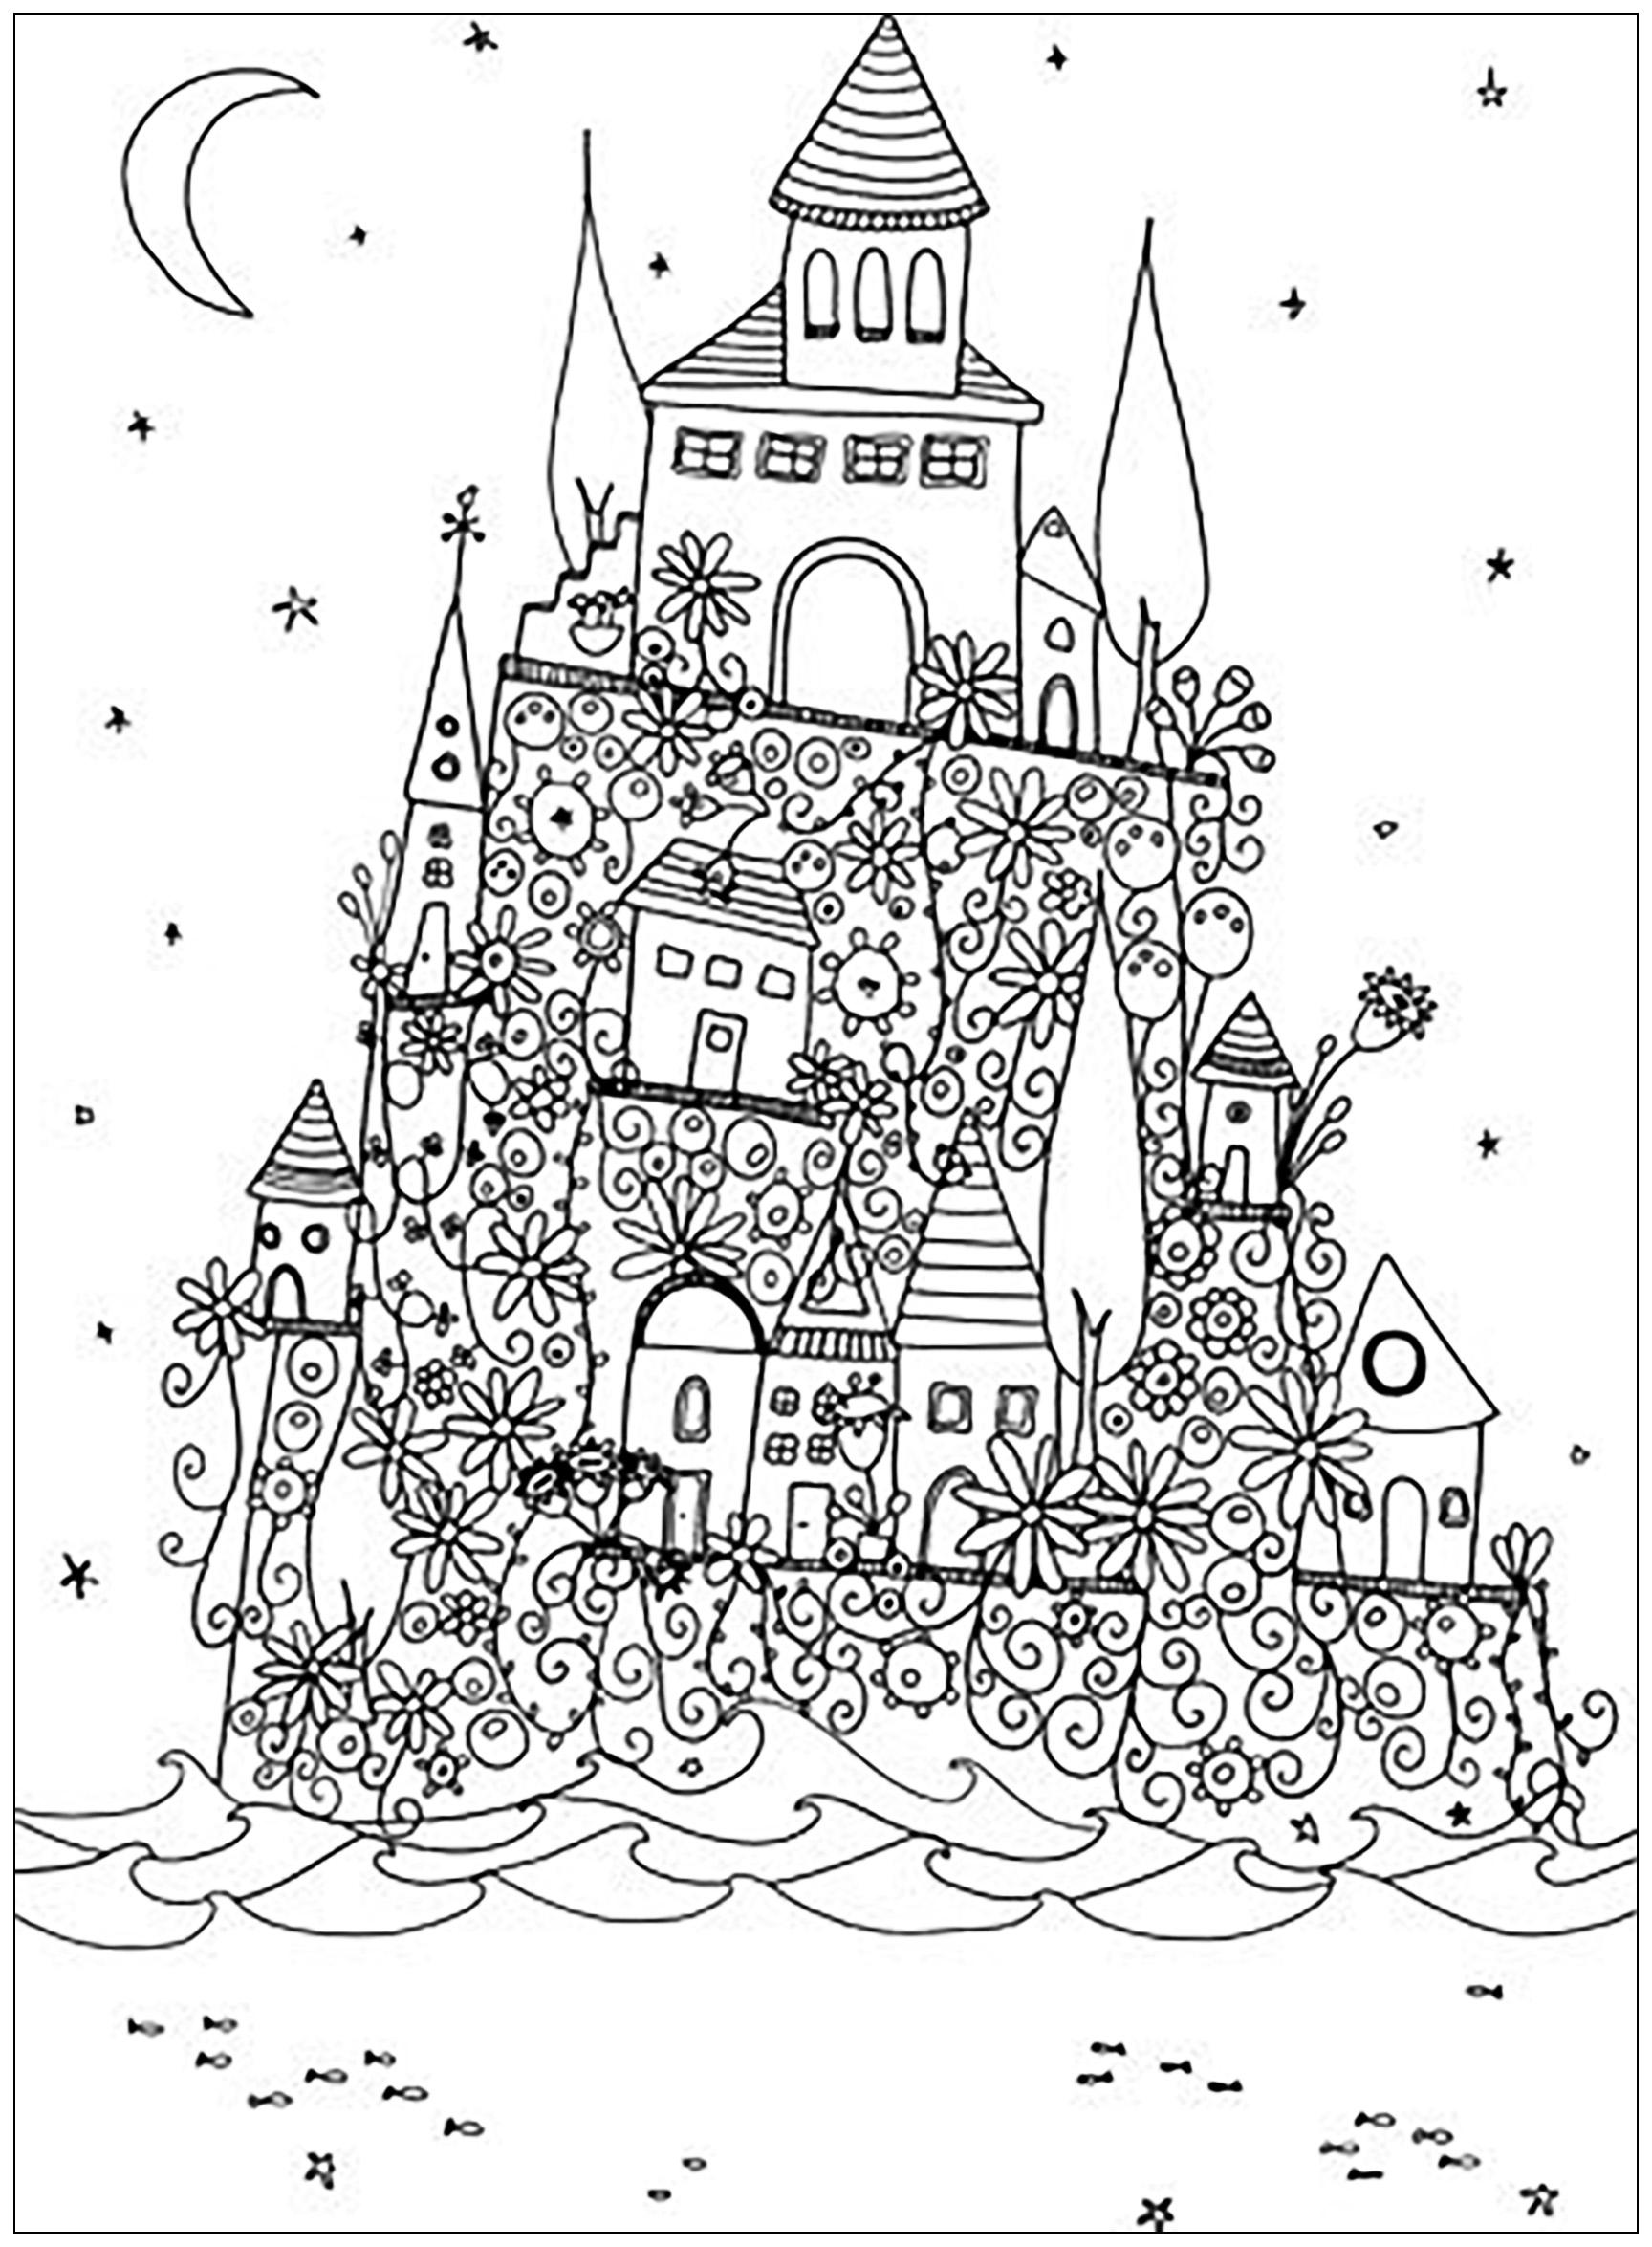 Chateau imaginaire architecture et habitation - Coloriage de chateau ...